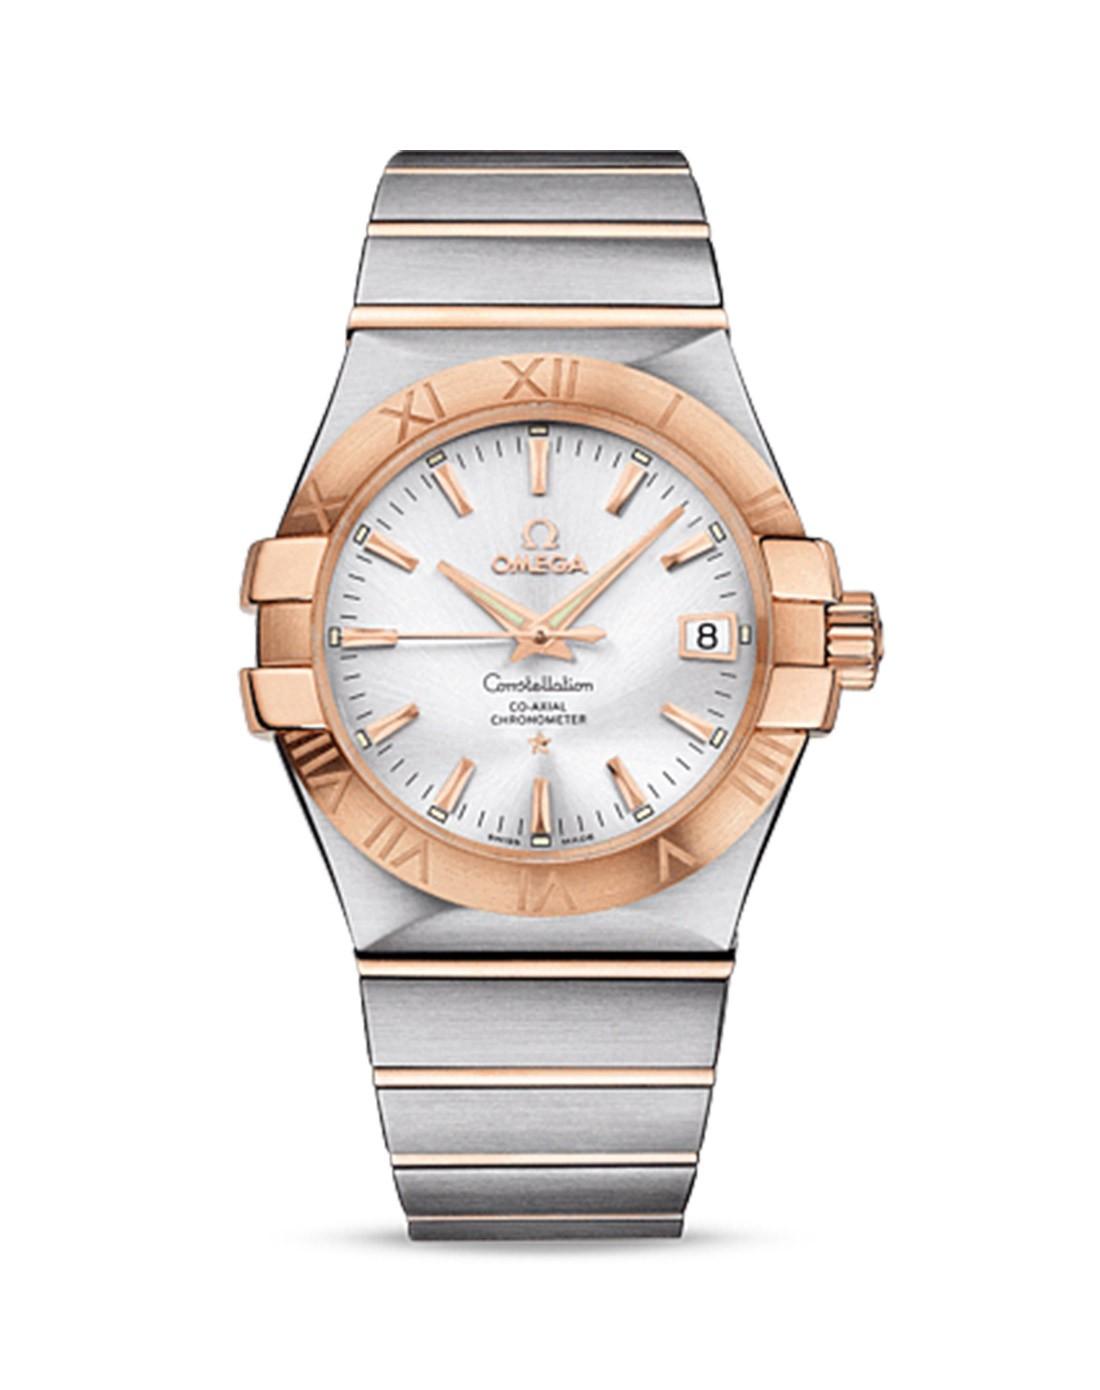 手表混合专场-omega 欧米茄 星座系列 18k金 天文台认证 自动机械男表图片